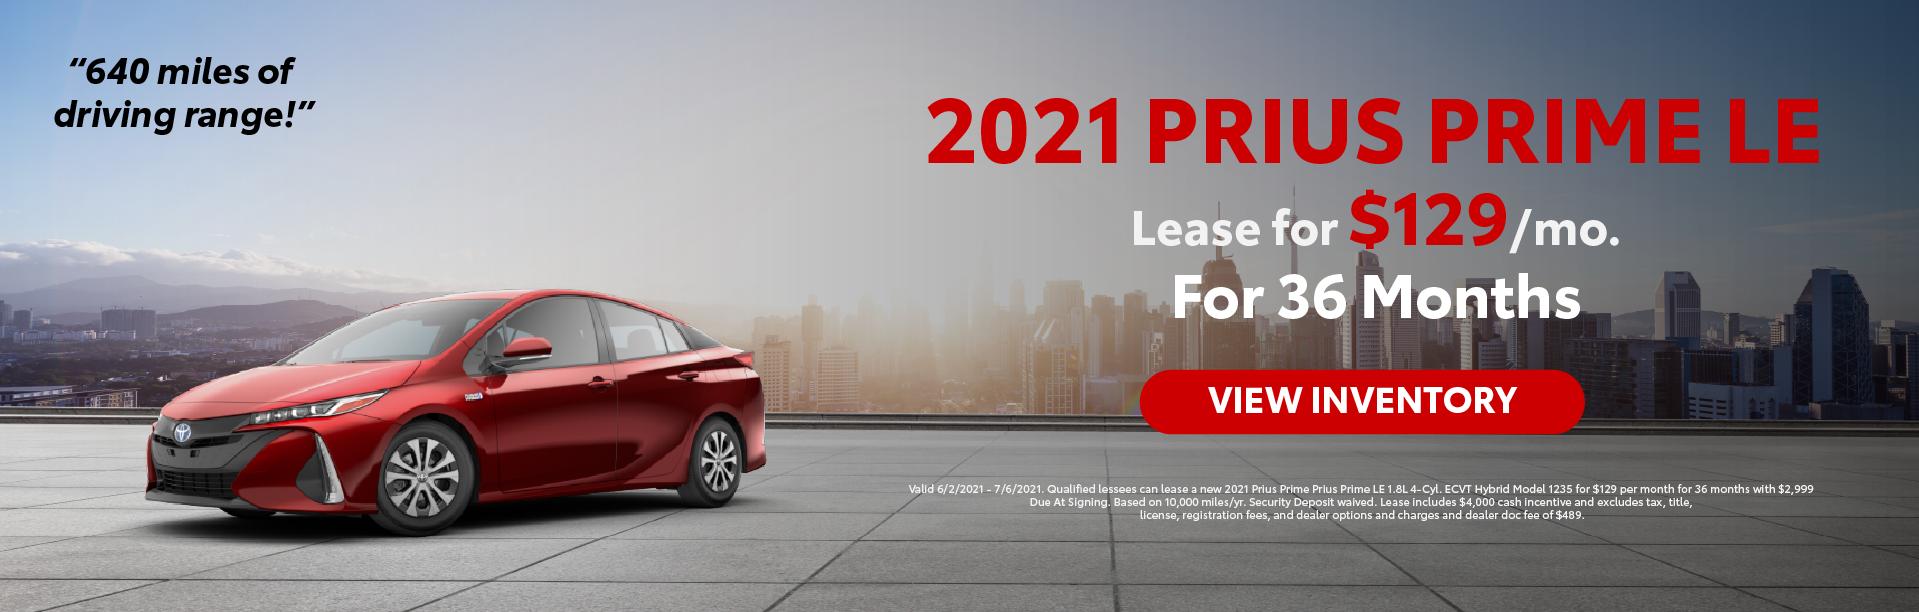 Prius Prime Lease-2